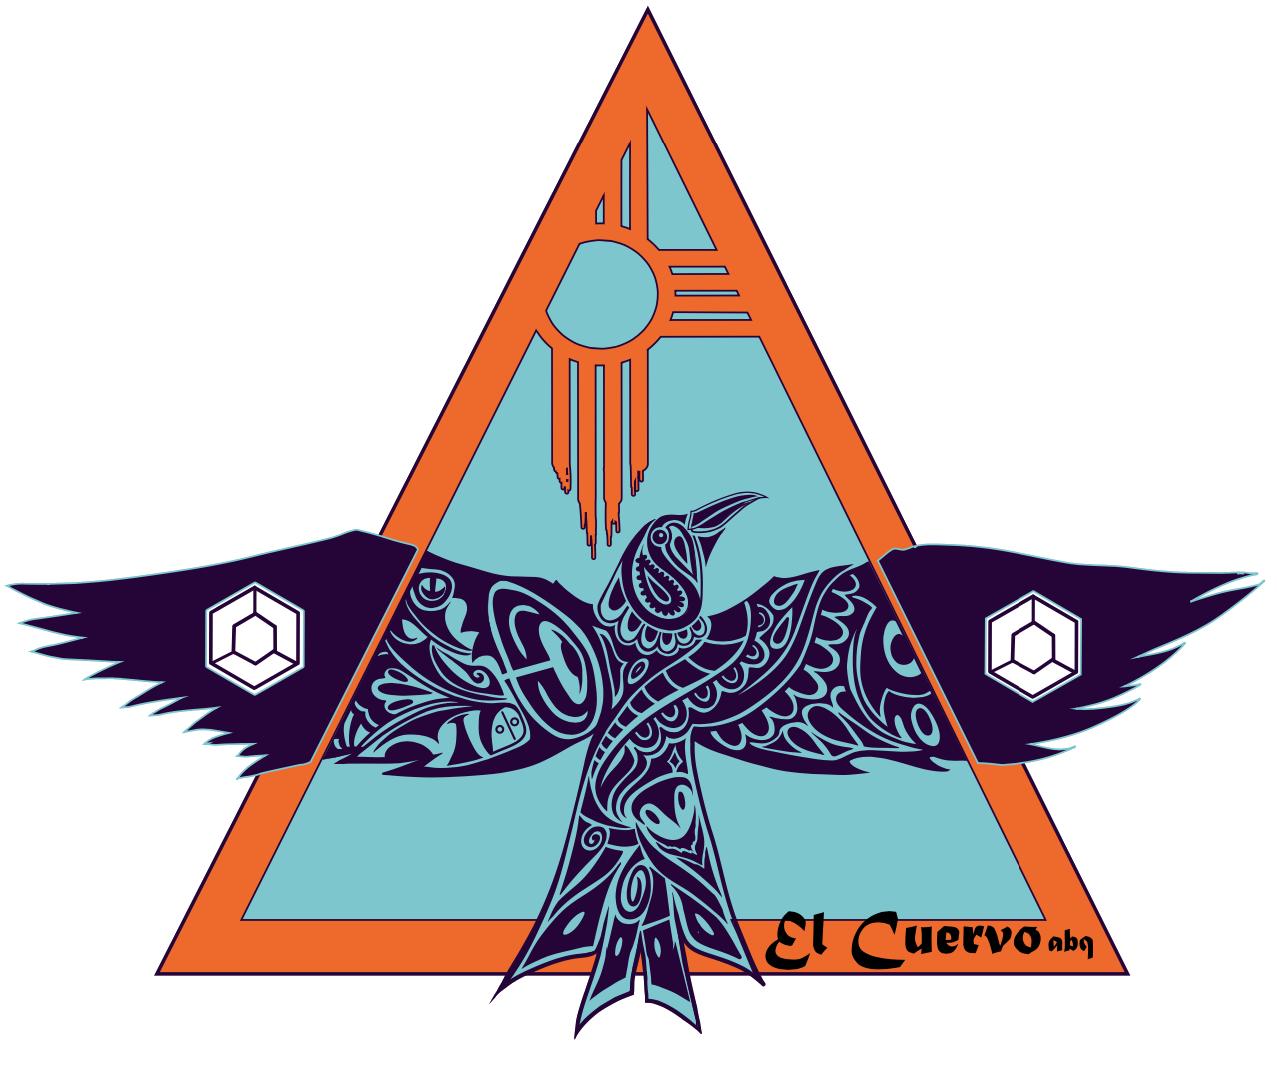 El Cuervo Albuquerque LOGO png